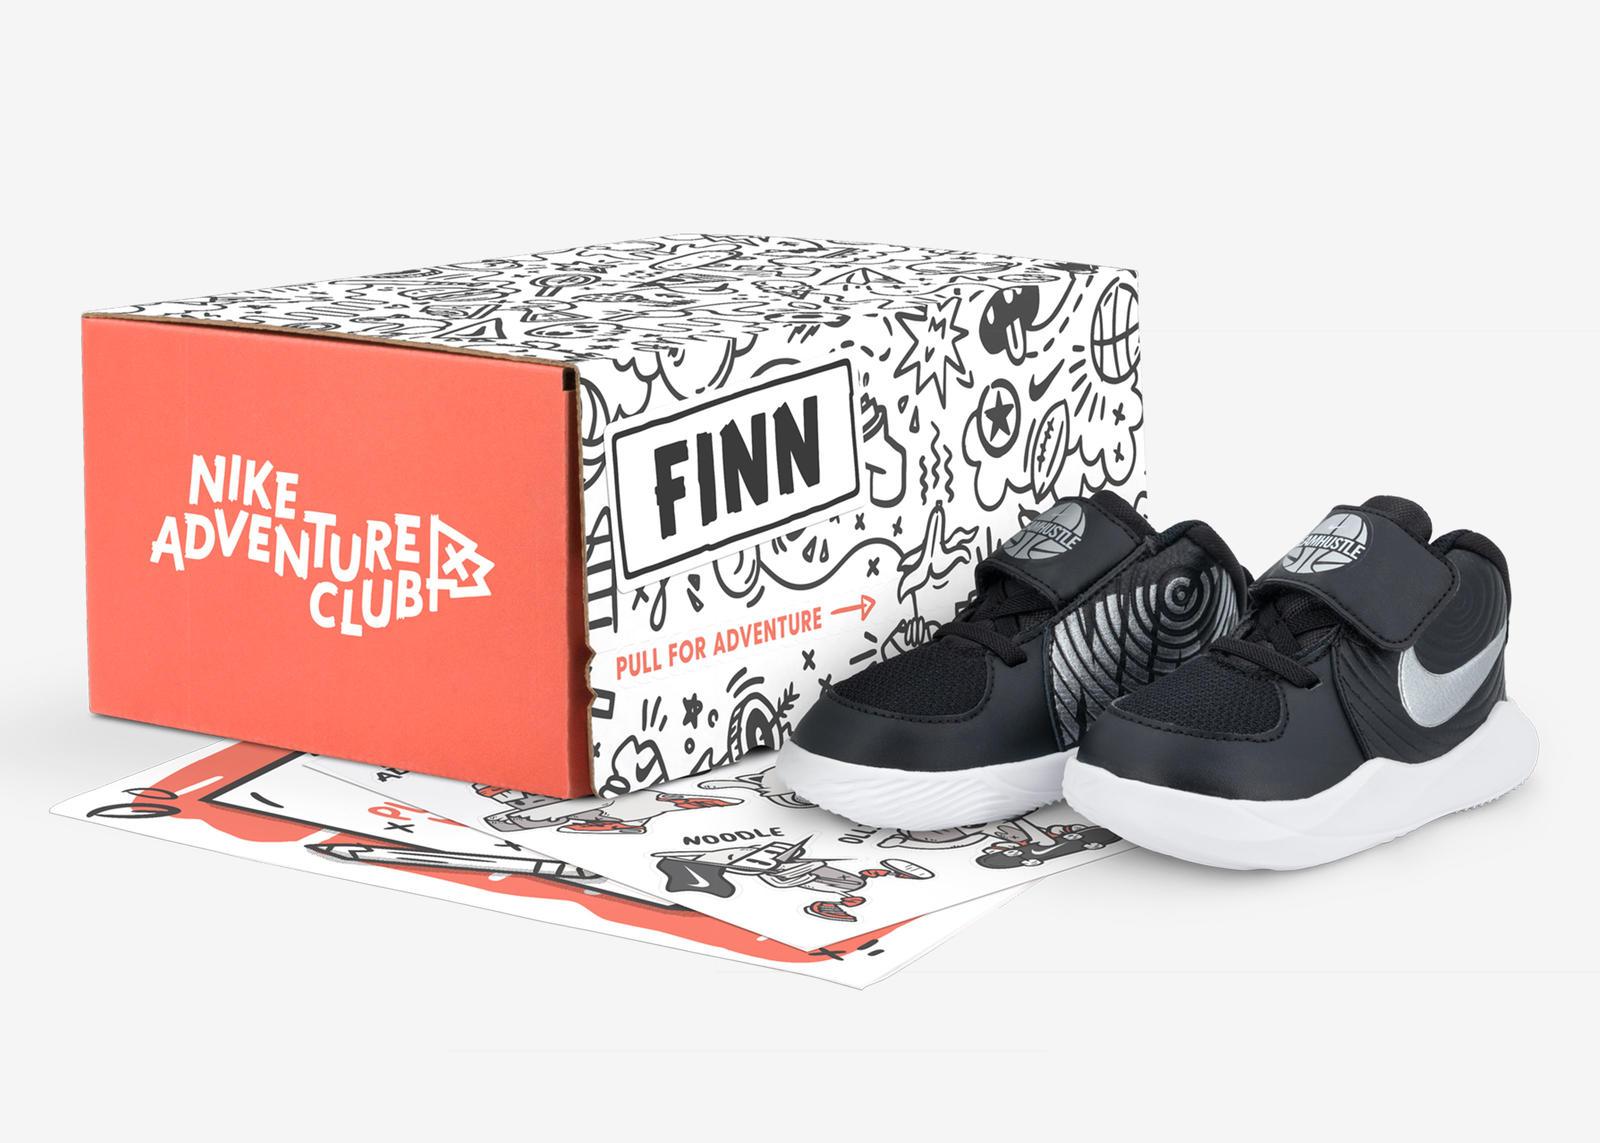 Nike 推出儿童鞋订阅服务 Nike Adventure Club